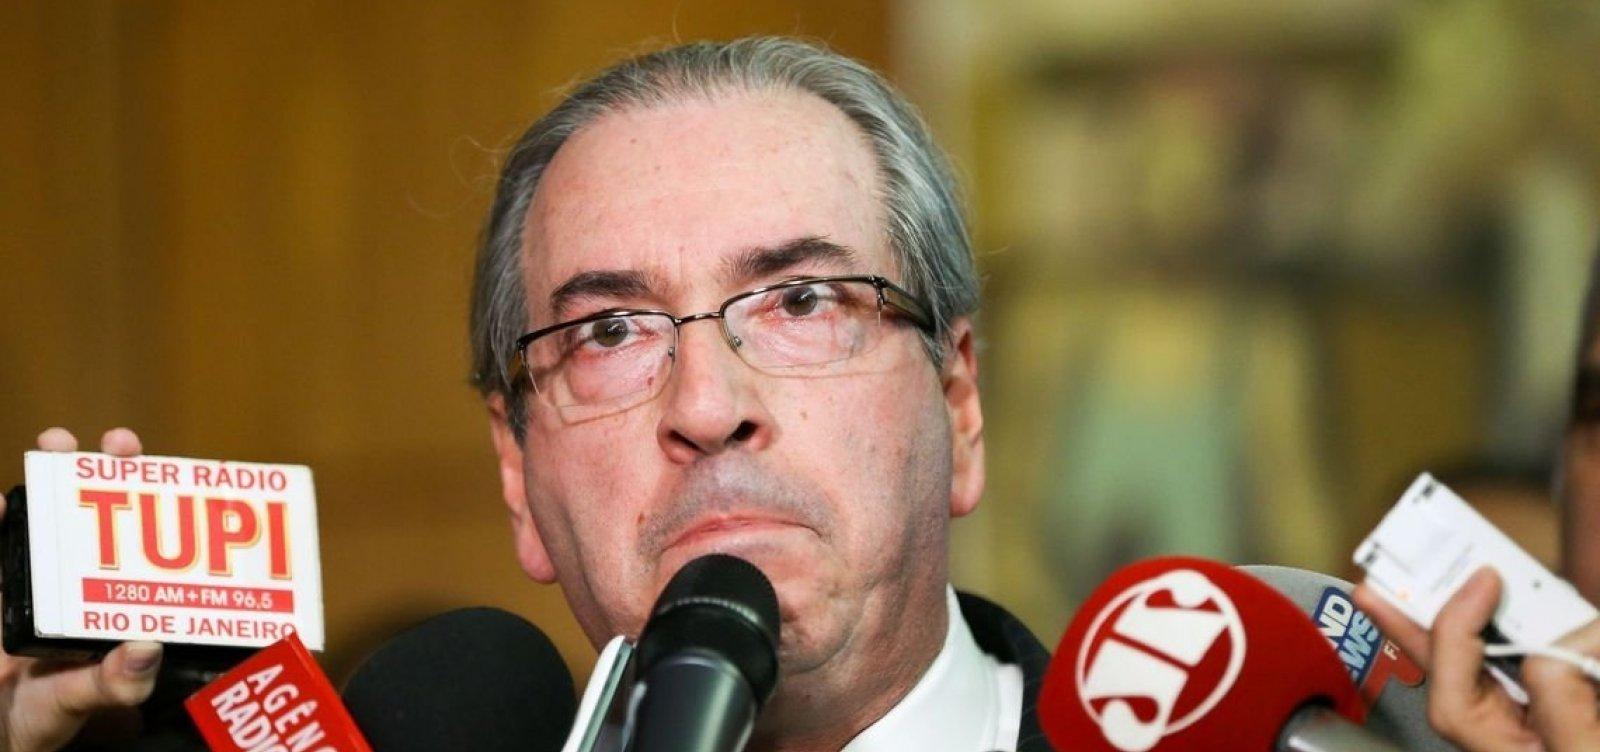 Em livro, Eduardo Cunha responsabiliza Temer, Maia e Baleia Rossi por impeachment de Dilma